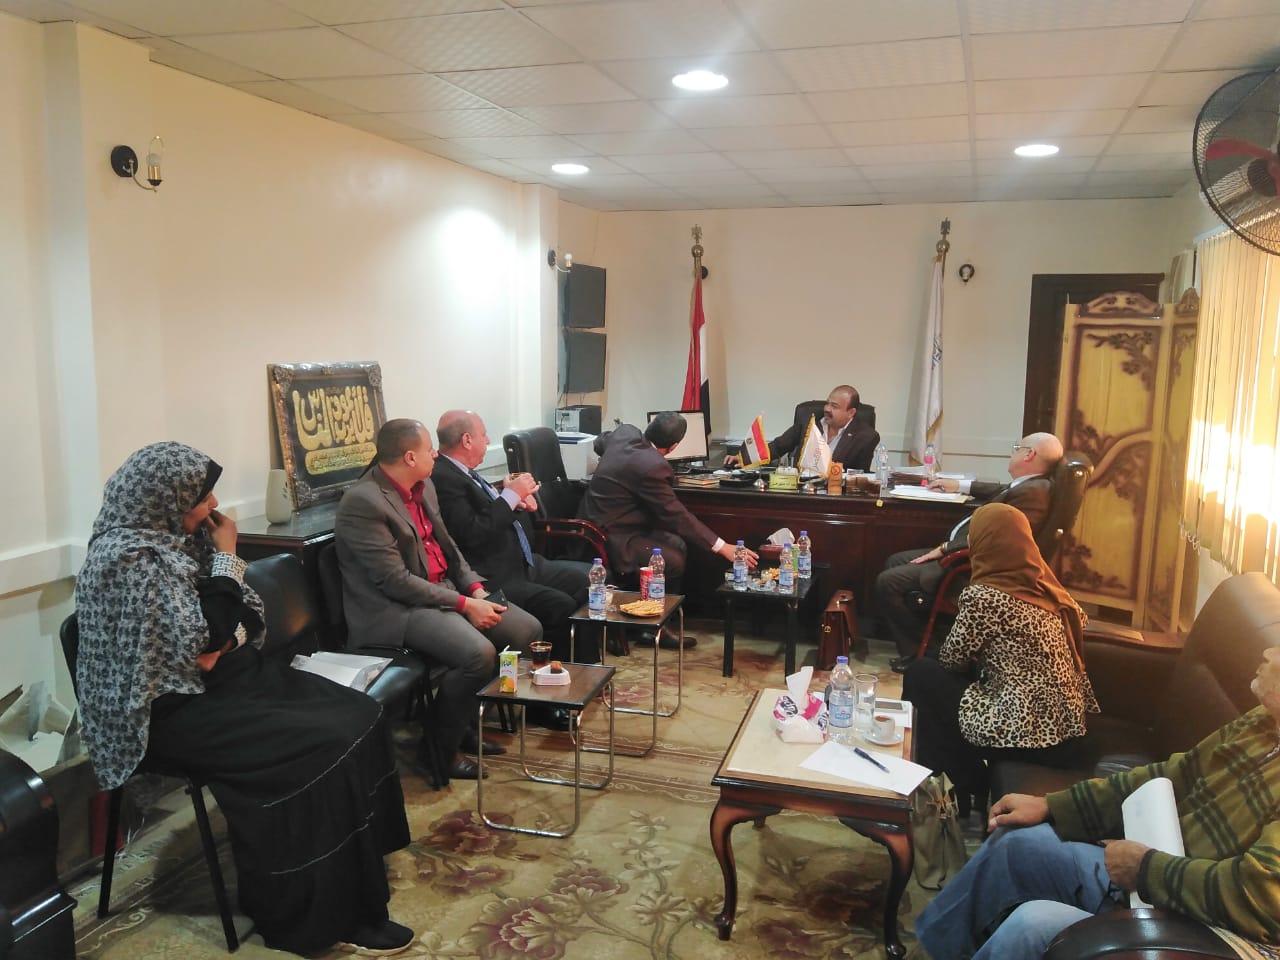 رئيس مدينة أرمنت يلتقي بوفد بنك التعمير والإسكان لإعداد تقارير لمشروع العمارات  (1)